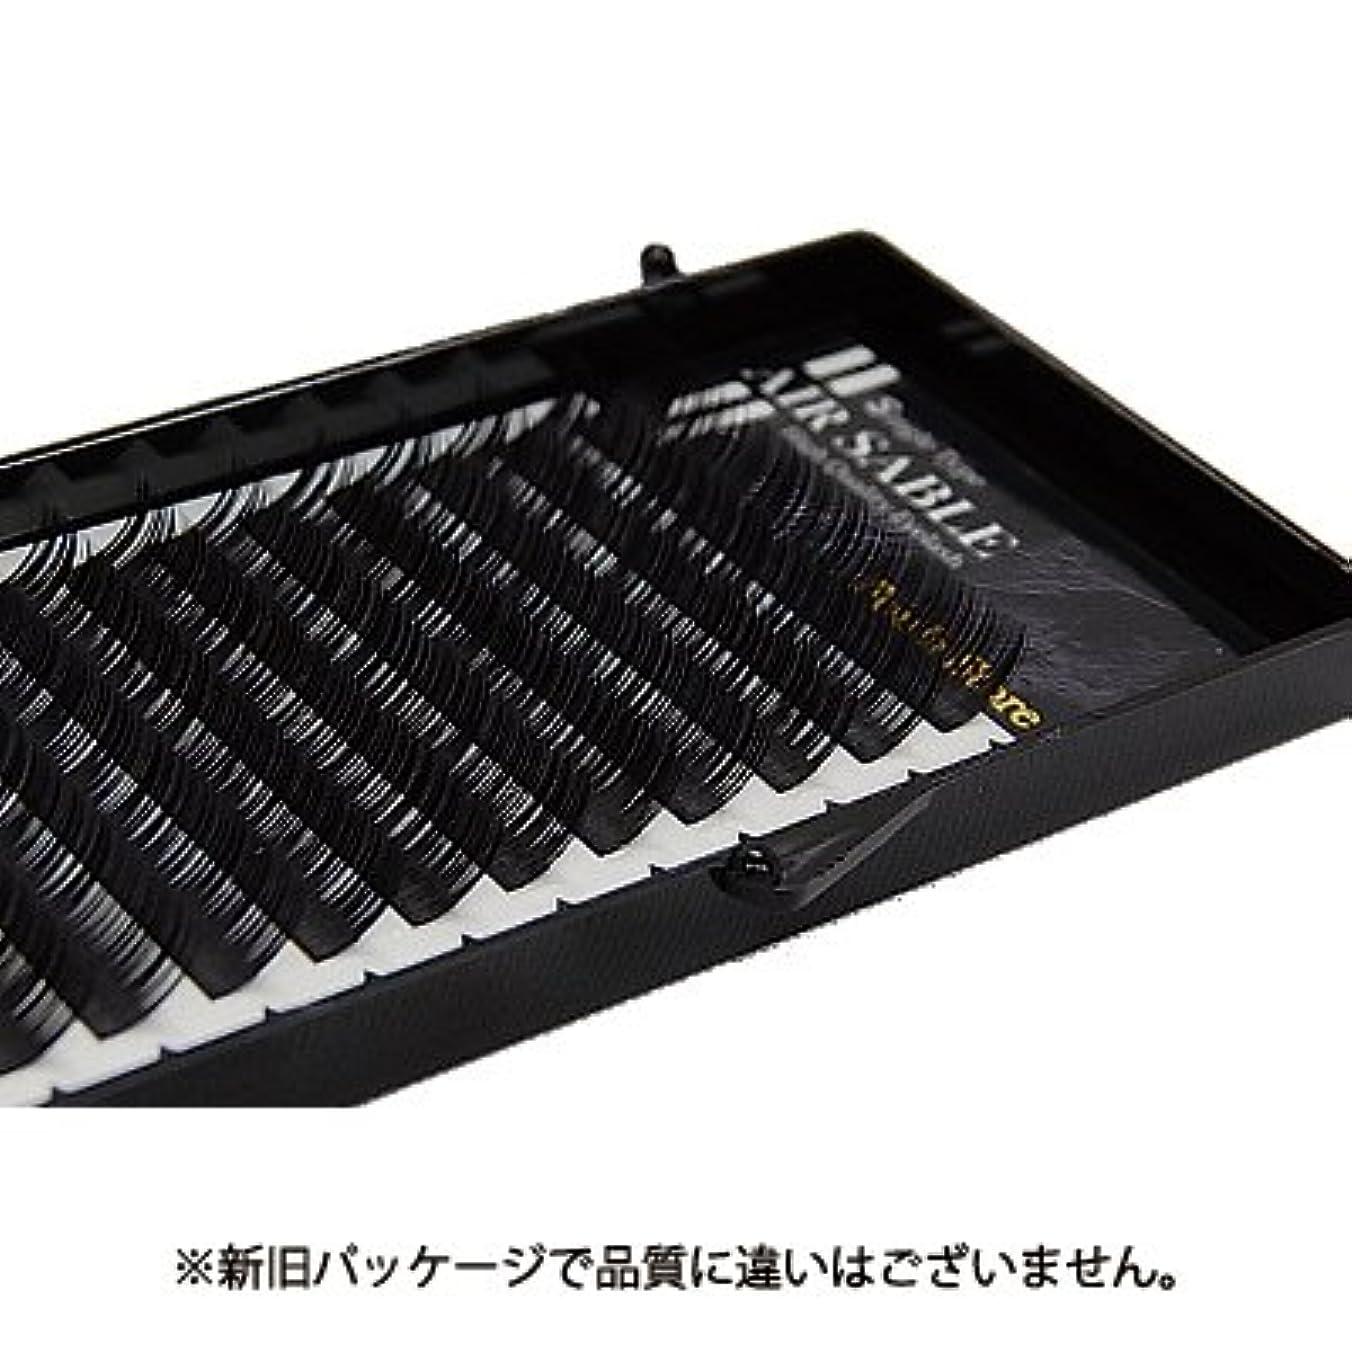 型キリスト教折【フーラ】エアーセーブル シート 12列 Cカール 9mm×0.15mm